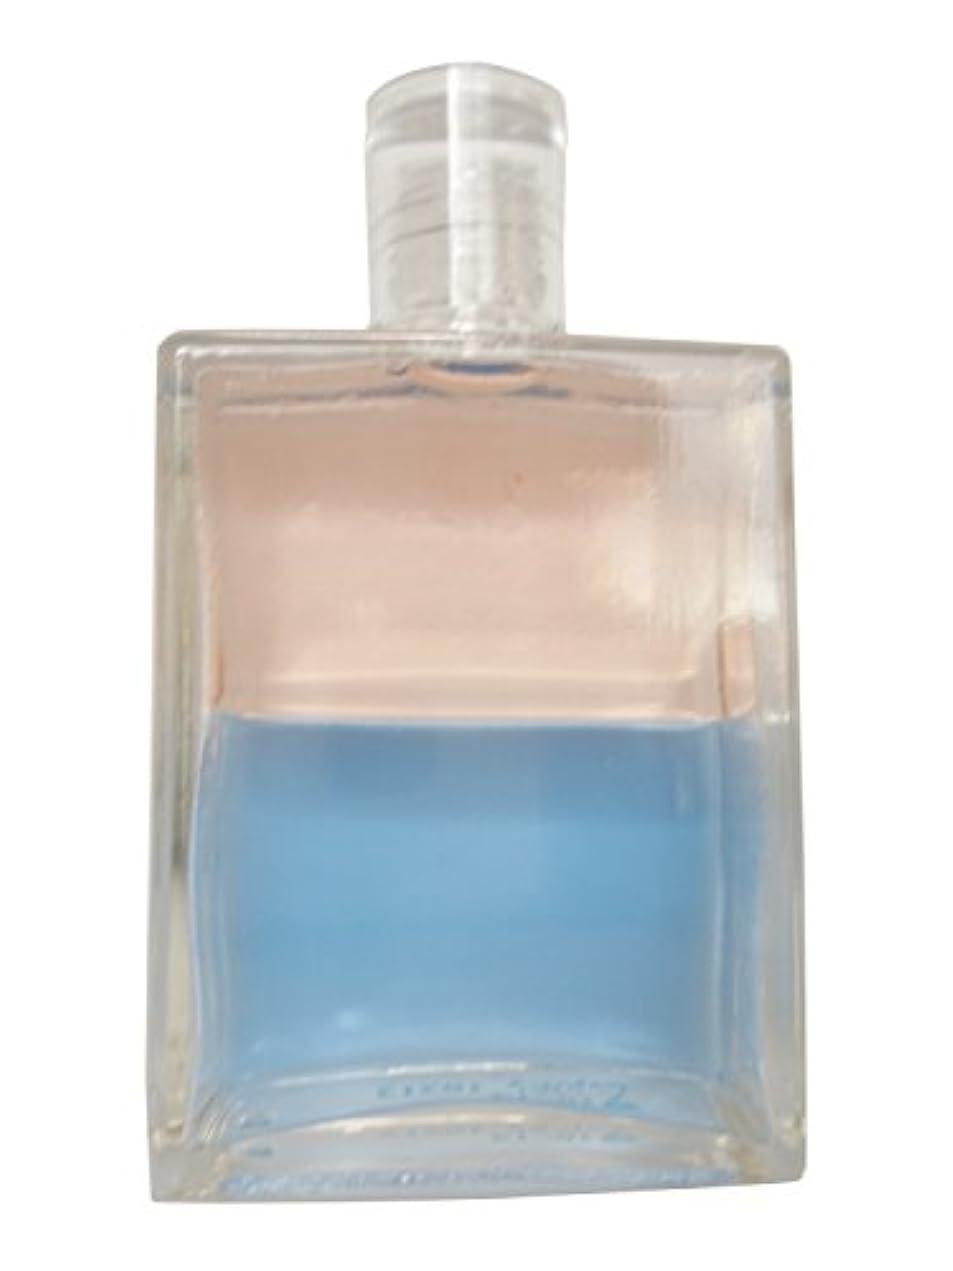 キャップ効能否定するB57パラスアテナ&アイオロス オーラーソーマ イクイリブリアムボトル